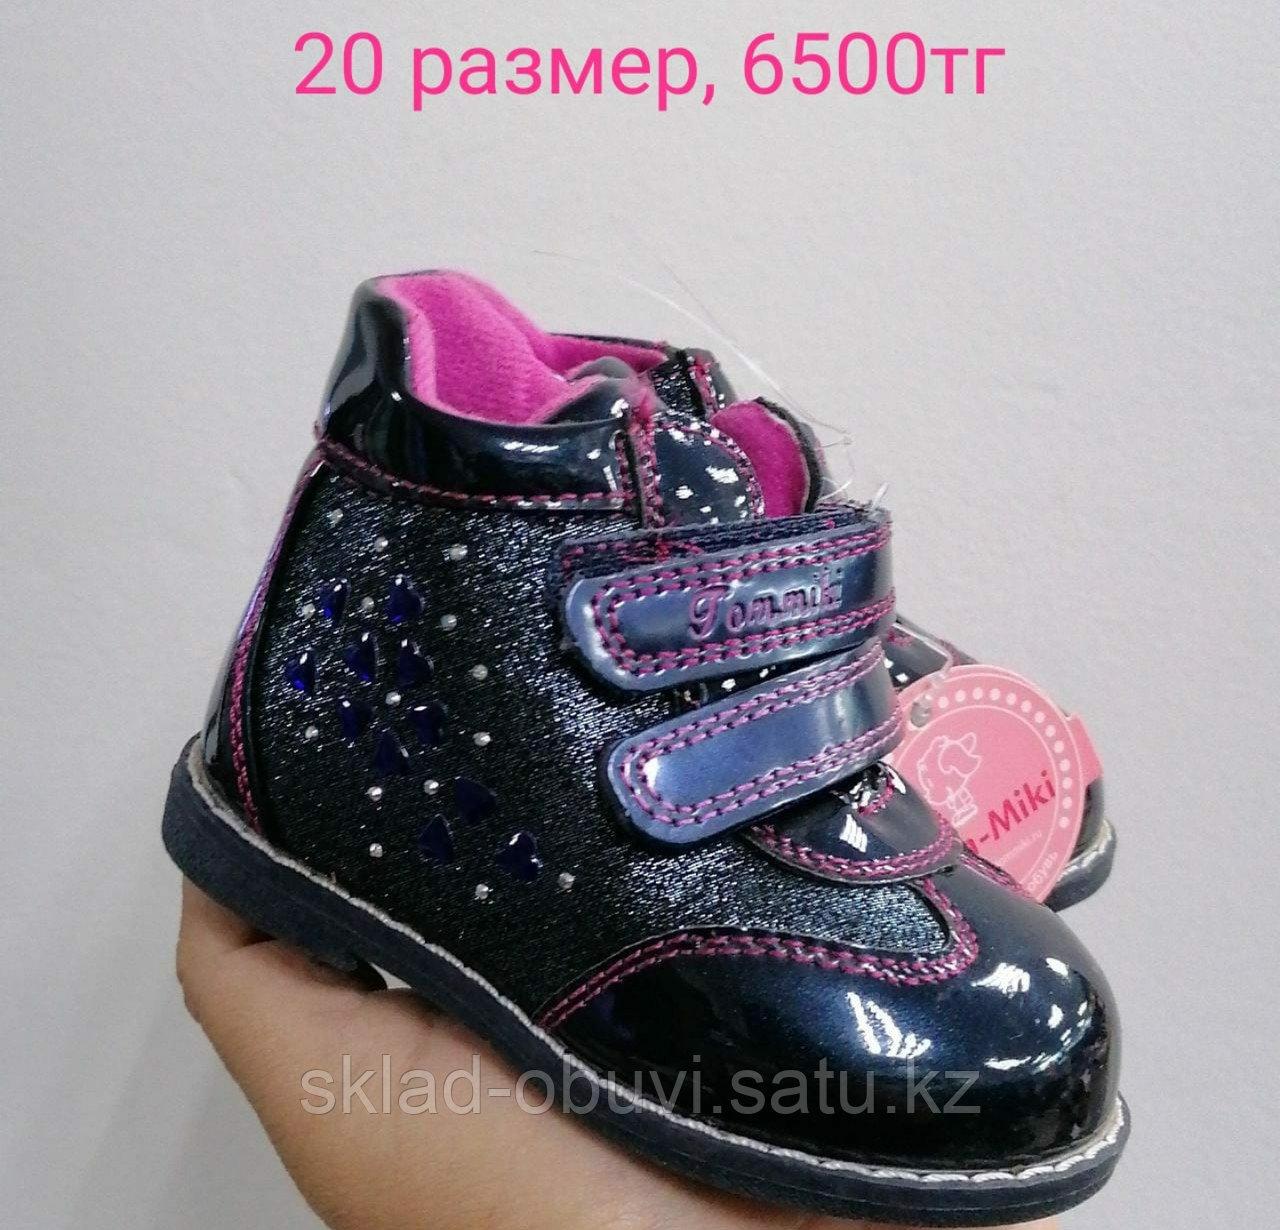 Tom.miki. Ботинки детям. - фото 6